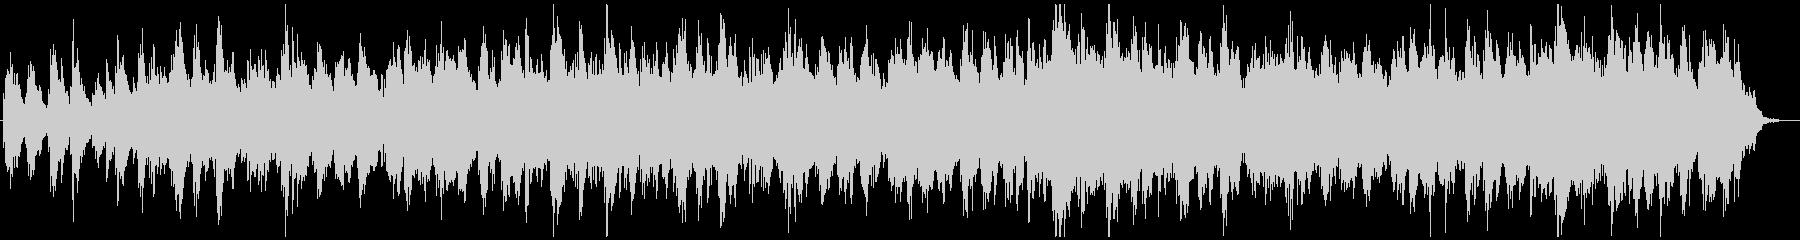 アジアン、アンビエント系BGMの未再生の波形